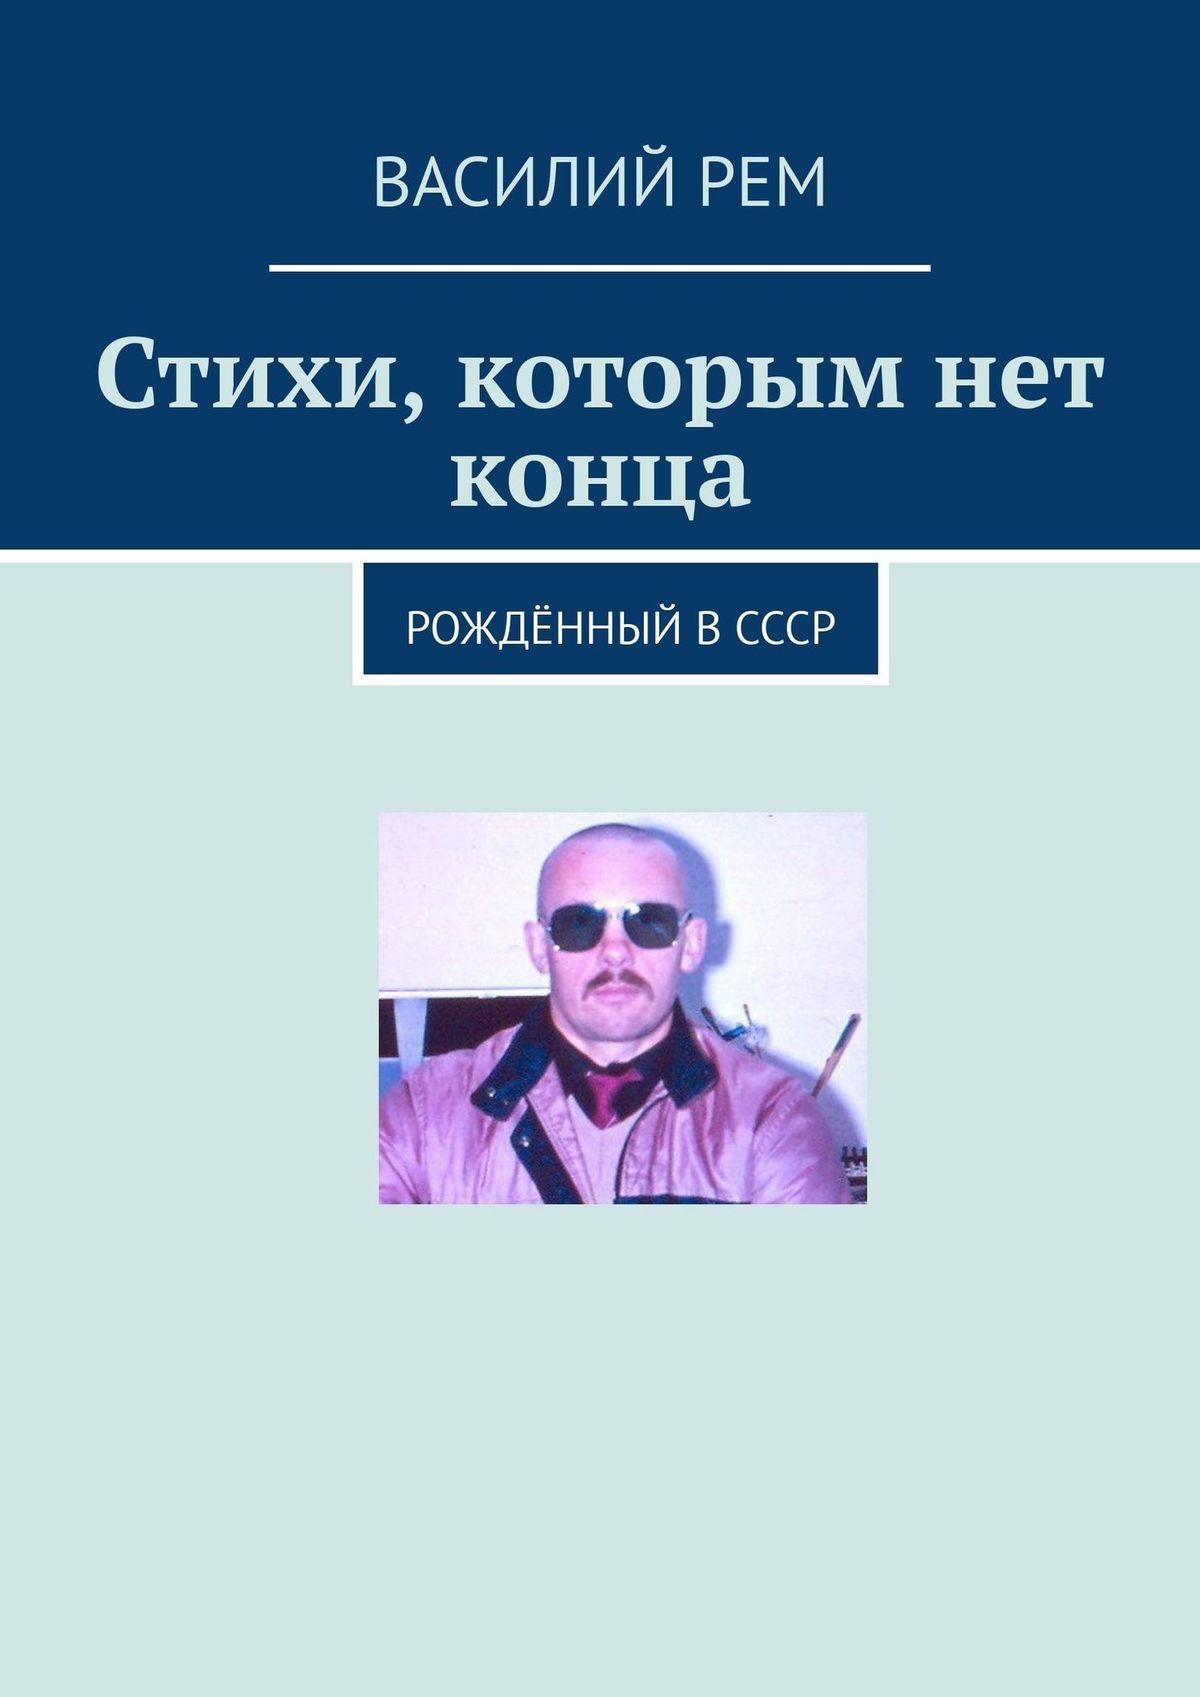 Василий Рем Стихи, которым нет конца. Рождённый вСССР василий рем стихи идущие изсердца рождённый вссср